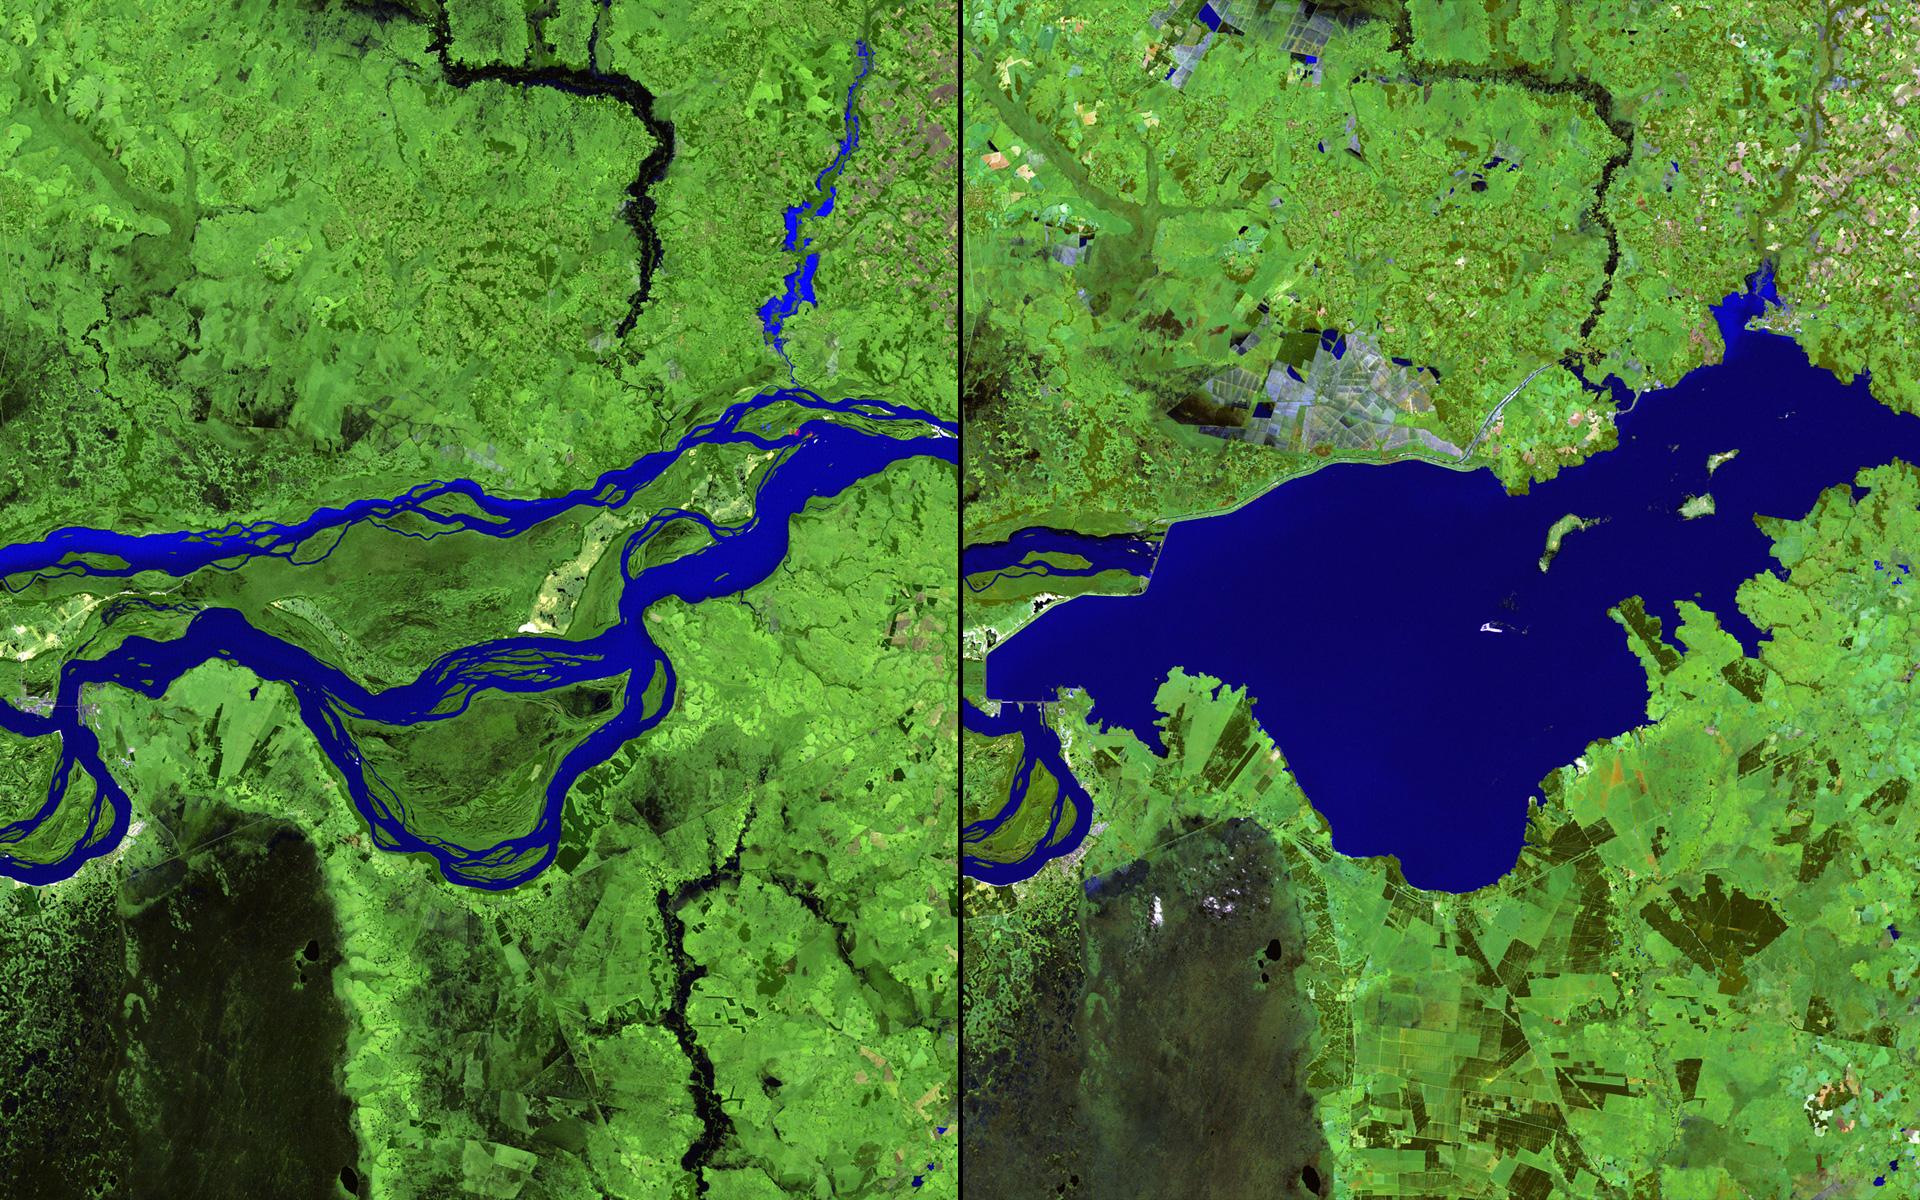 Global Climate Change - NASA